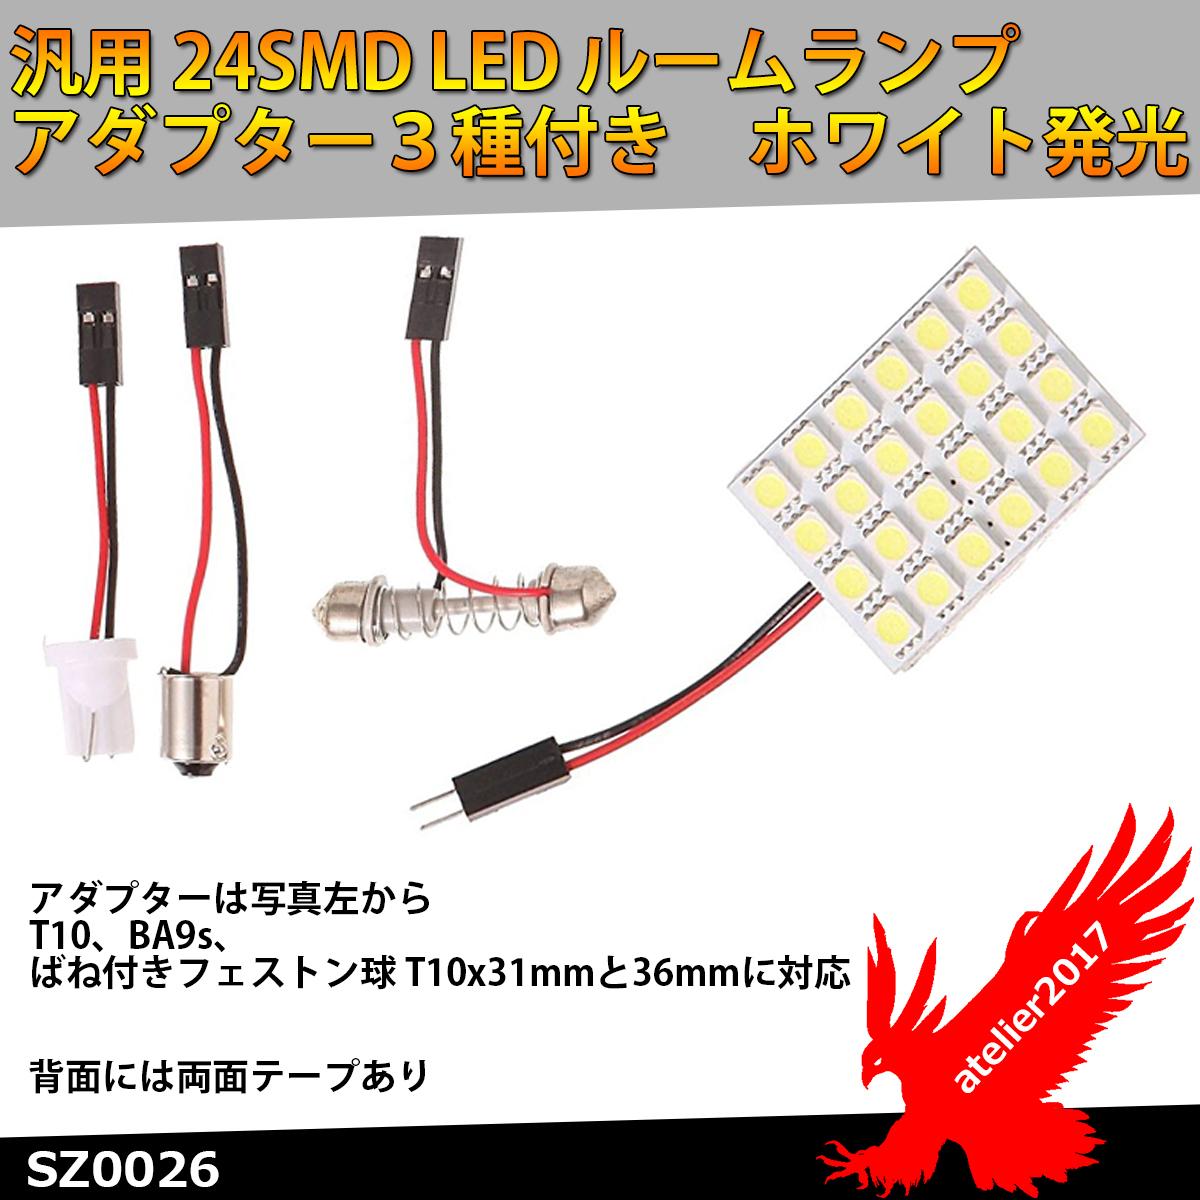 送料198円~ 汎用 24SMD LEDルームランプ ホワイト発光 変換アダプター付 T10 BA9s フェストン球T10x31mm SZ0026_画像1